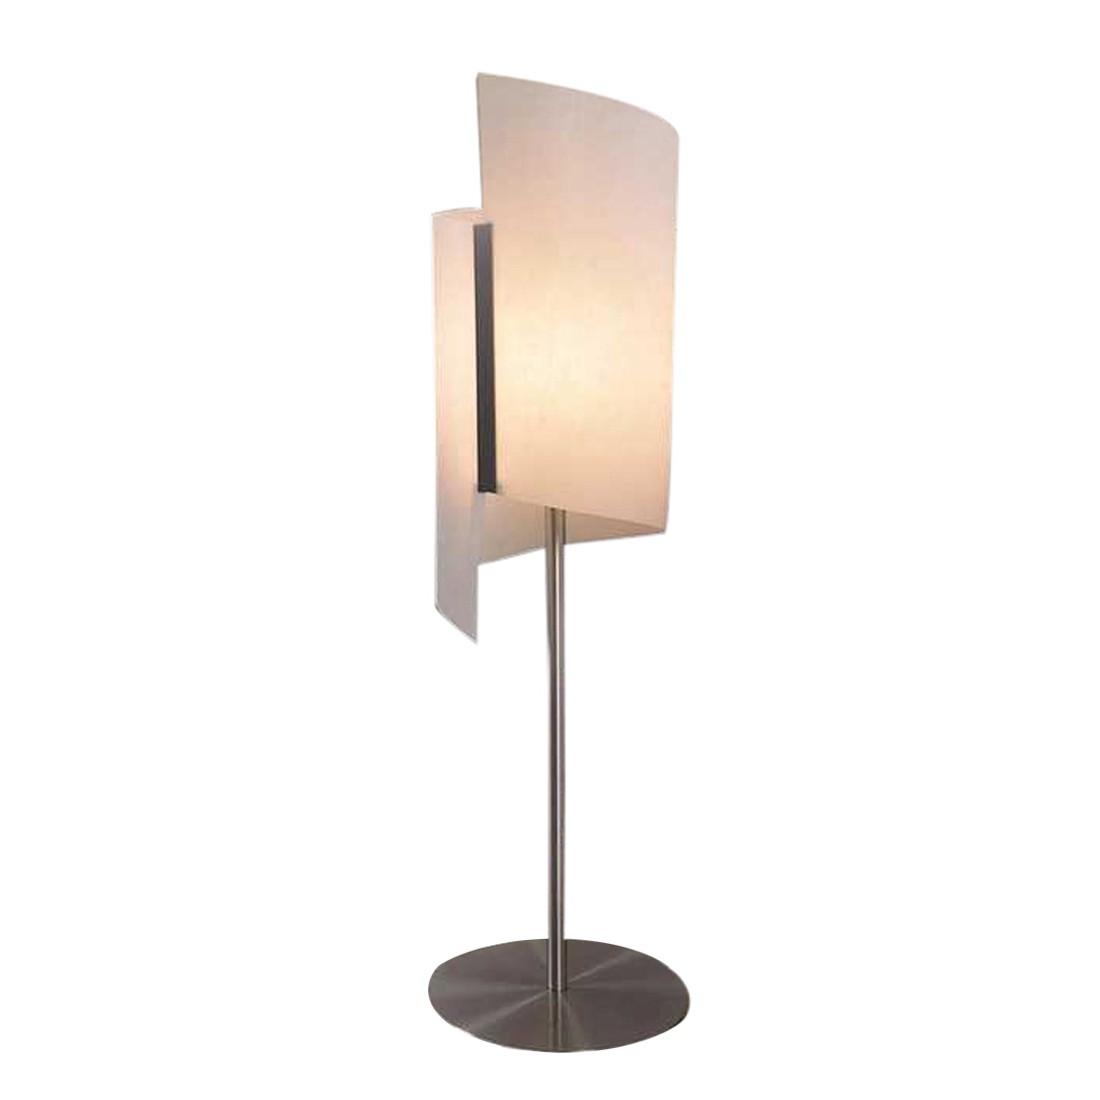 Tischleuchte Helix ● Höhe 53cm ● Aluminium geschliffen- Lunopal weiß- Usus A